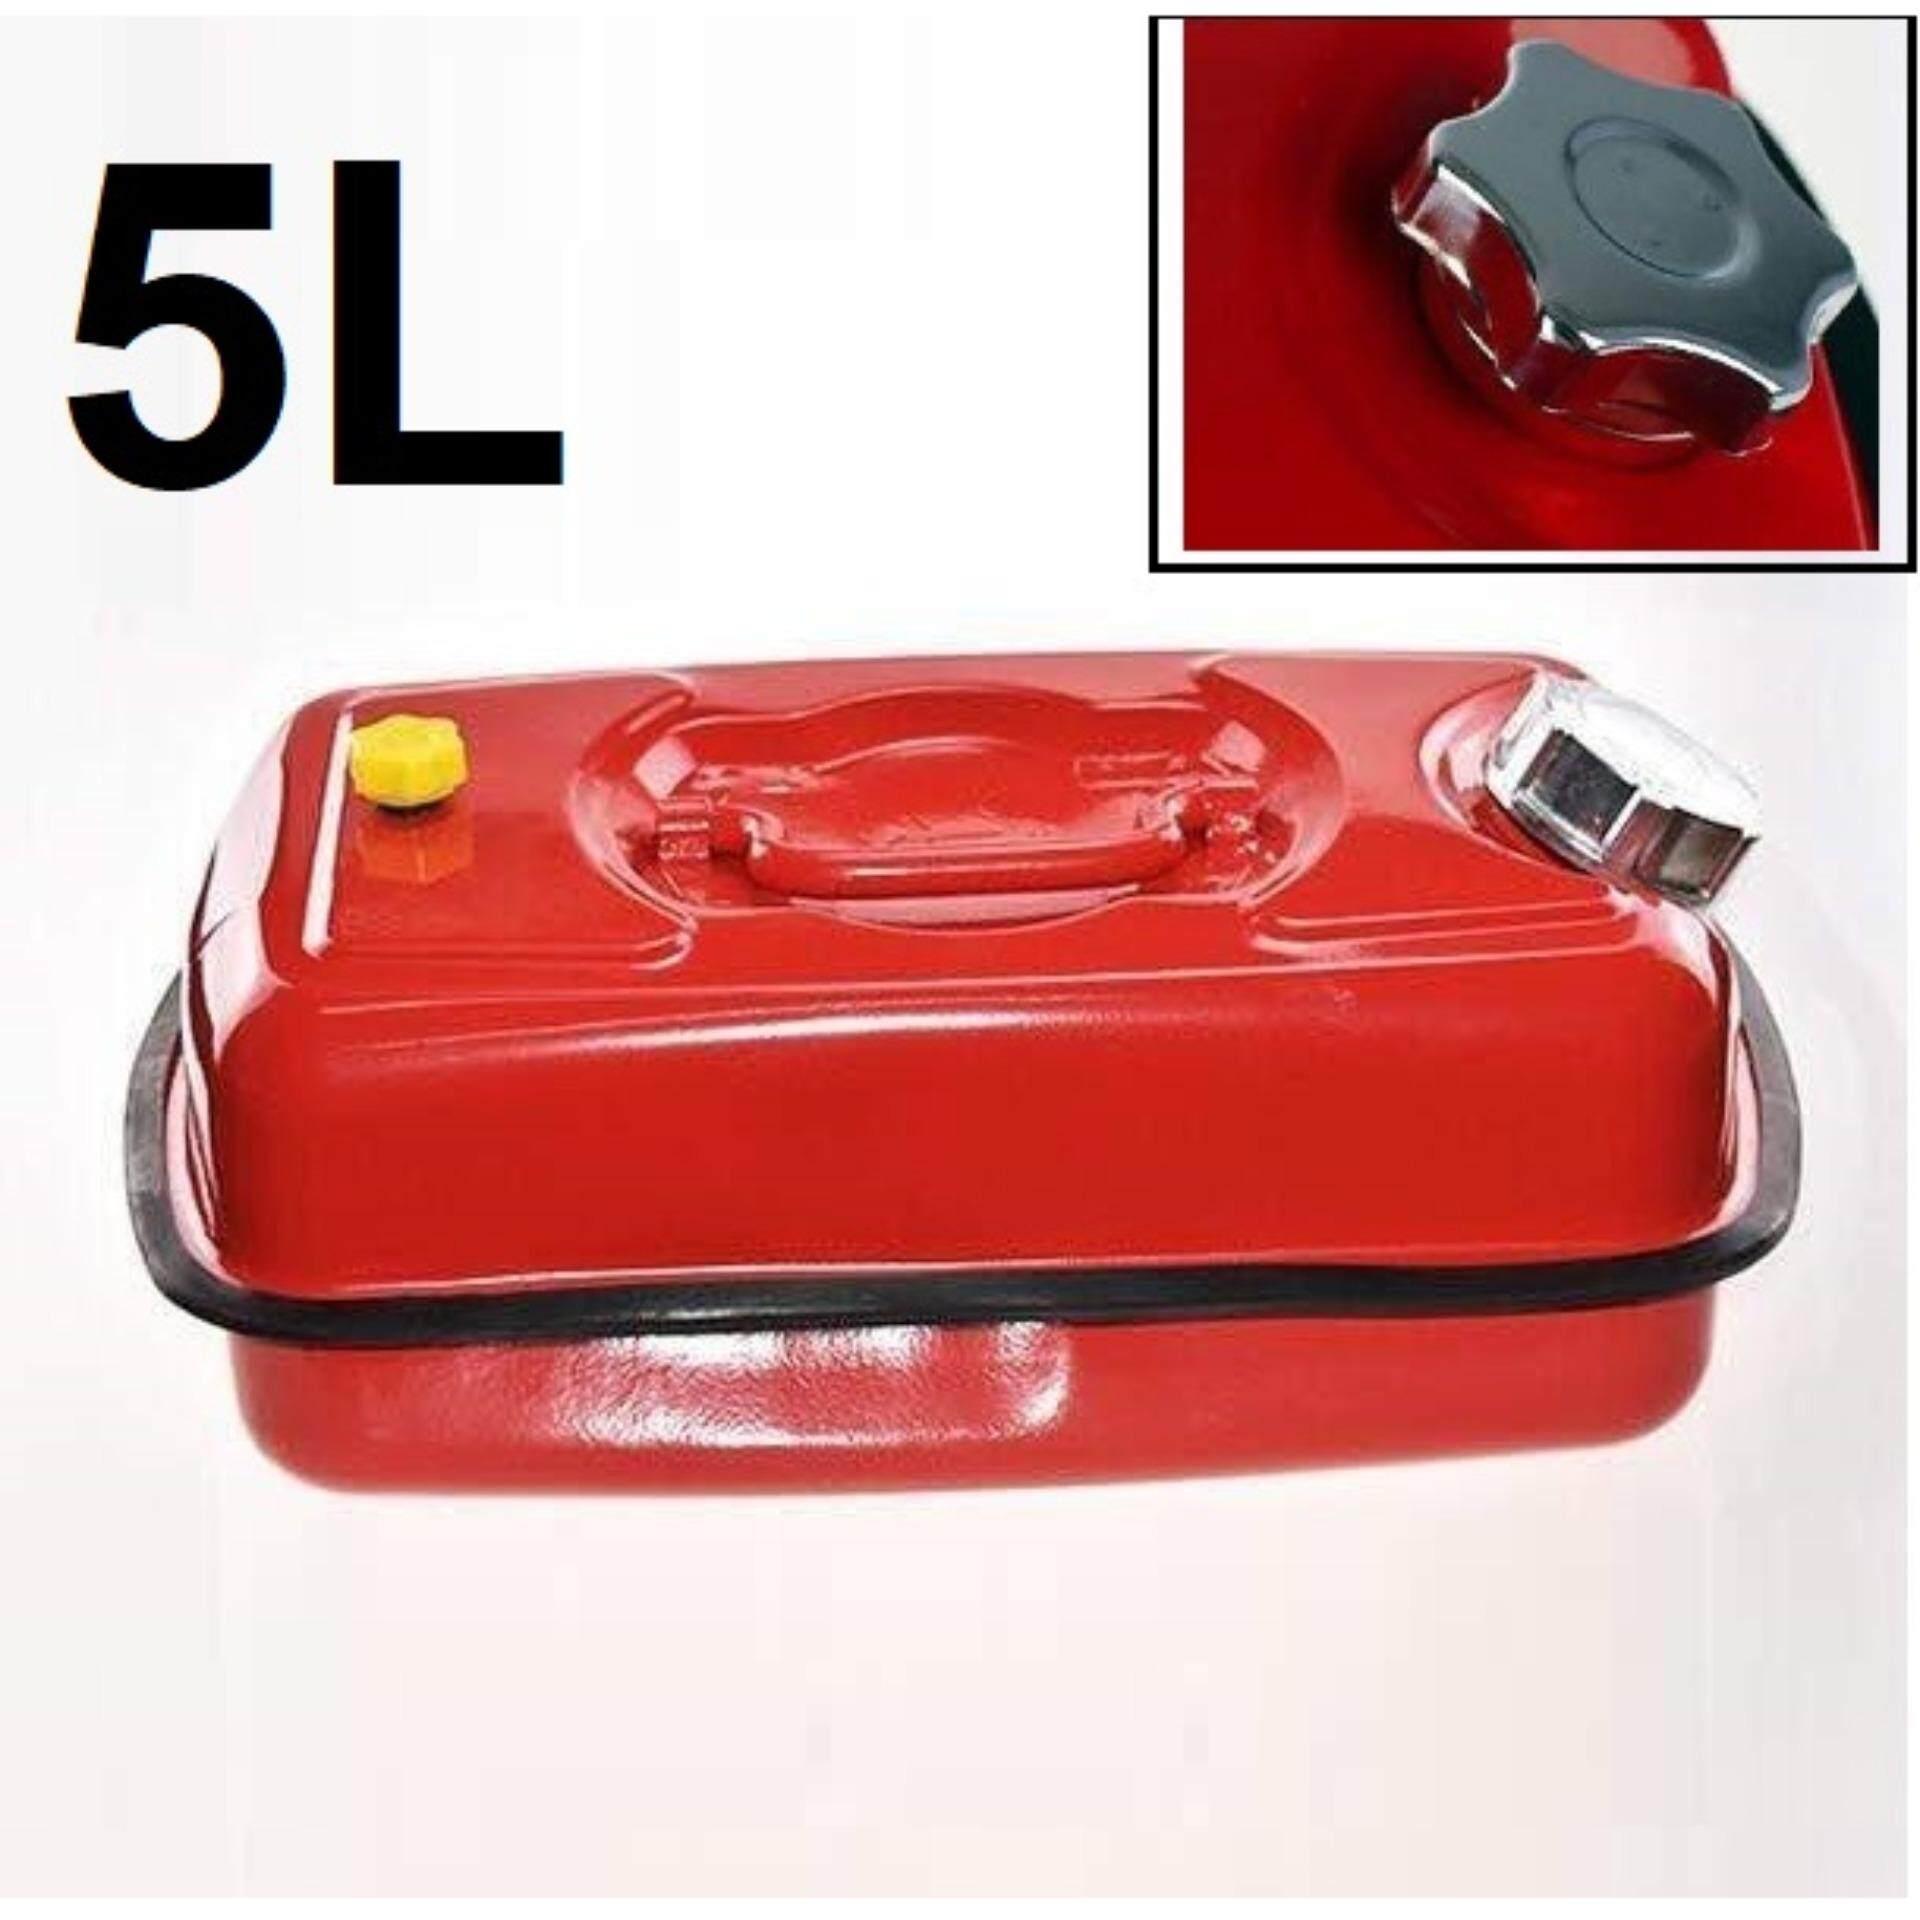 ถังแกลลอนเหล็กเก็บน้ำมันสำรอง Fuel Tank ถังน้ำมันสีแดง.